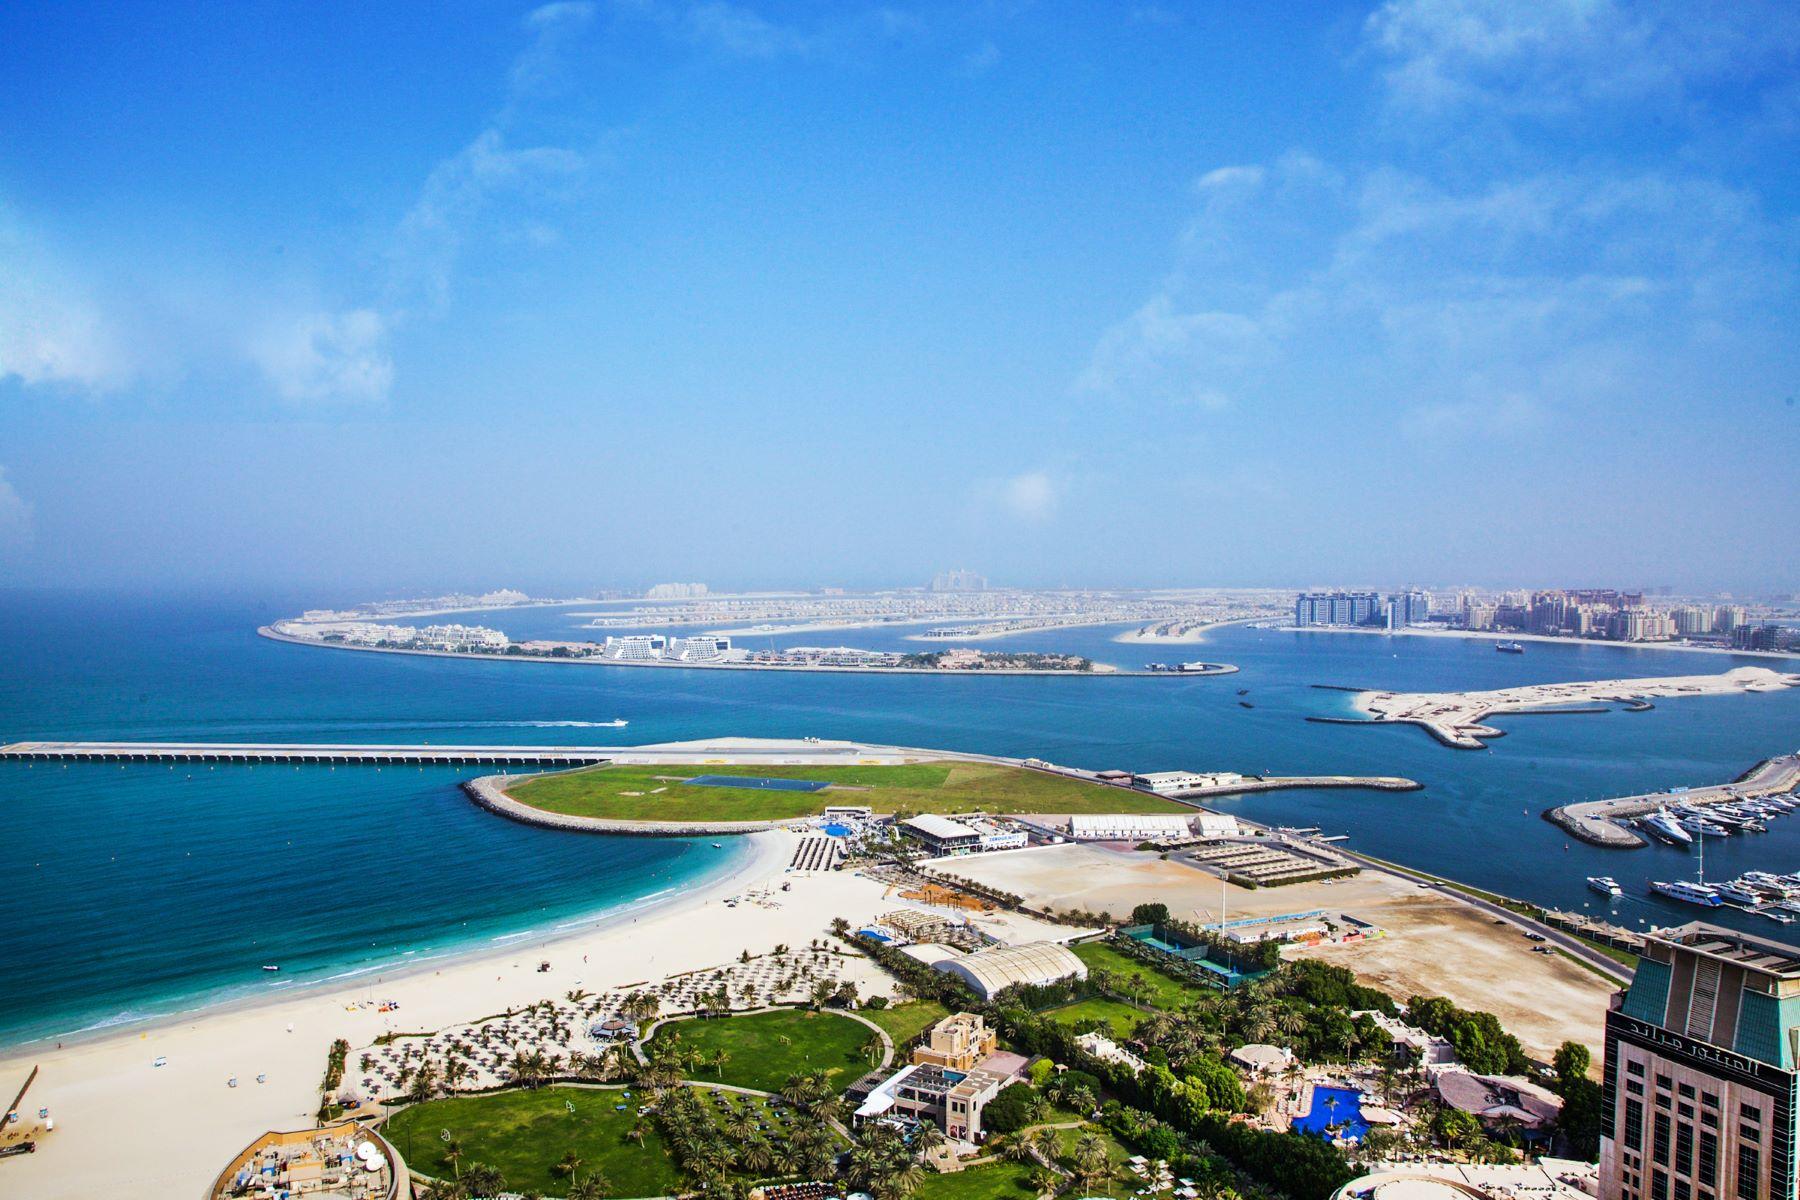 Apartment for Sale at Trident Grand Penthouse Dubai Marina, Dubai, United Arab Emirates